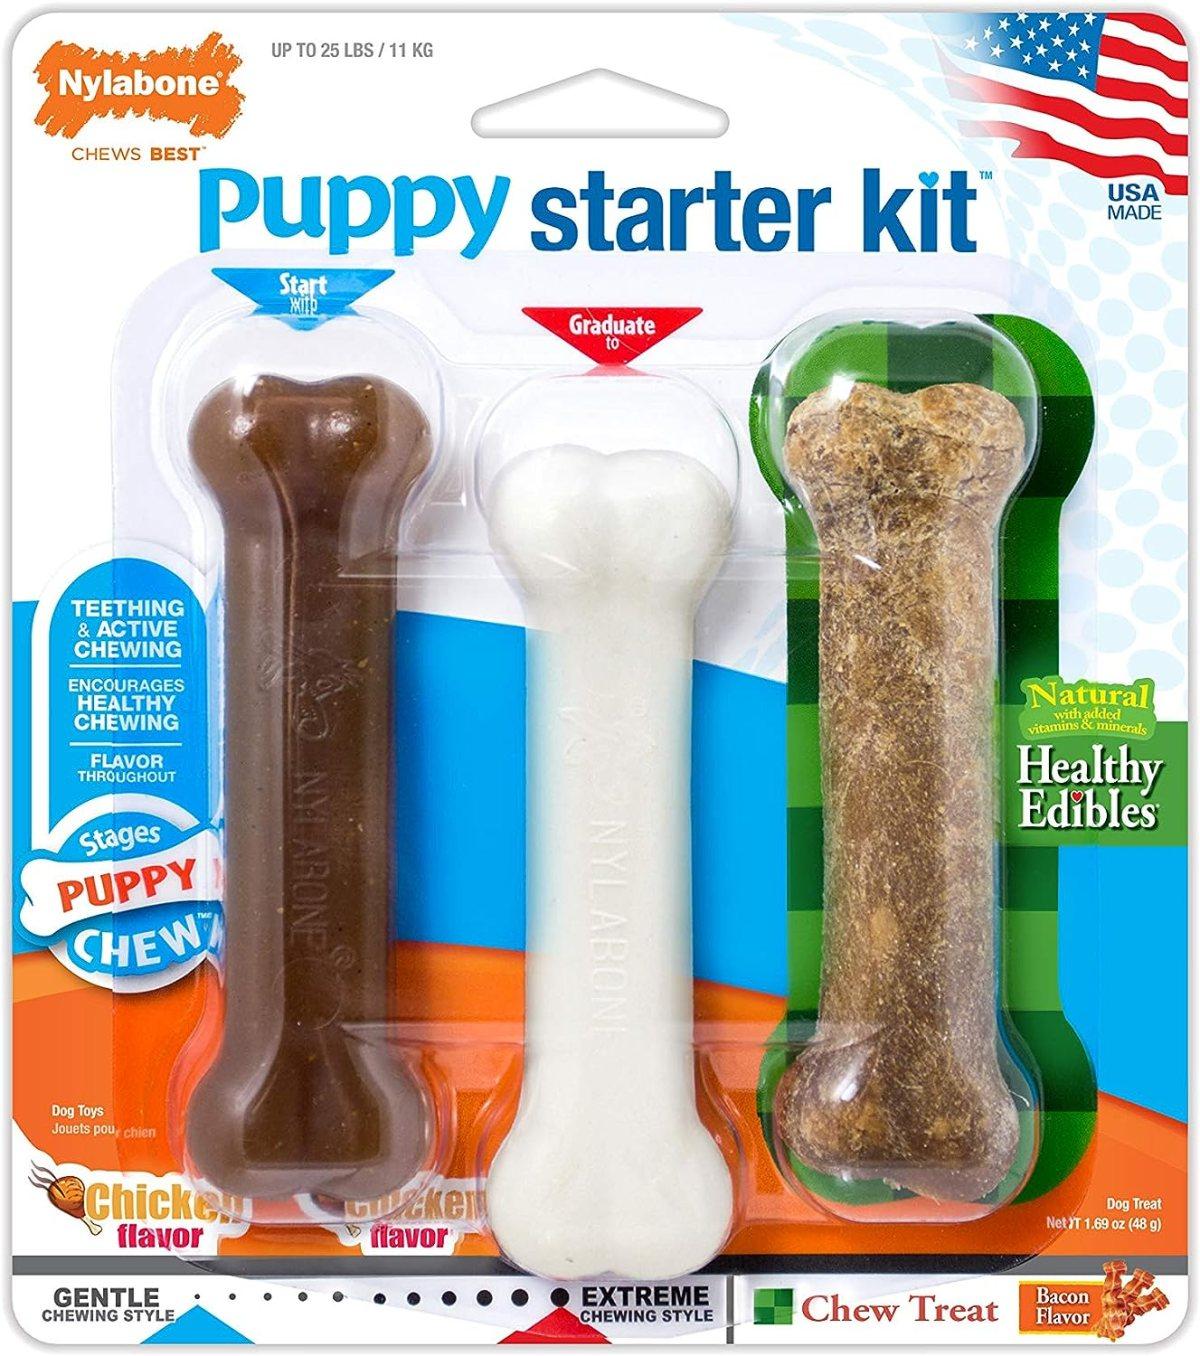 Nyla Bone Puppy Starter Kit (3 unidades)